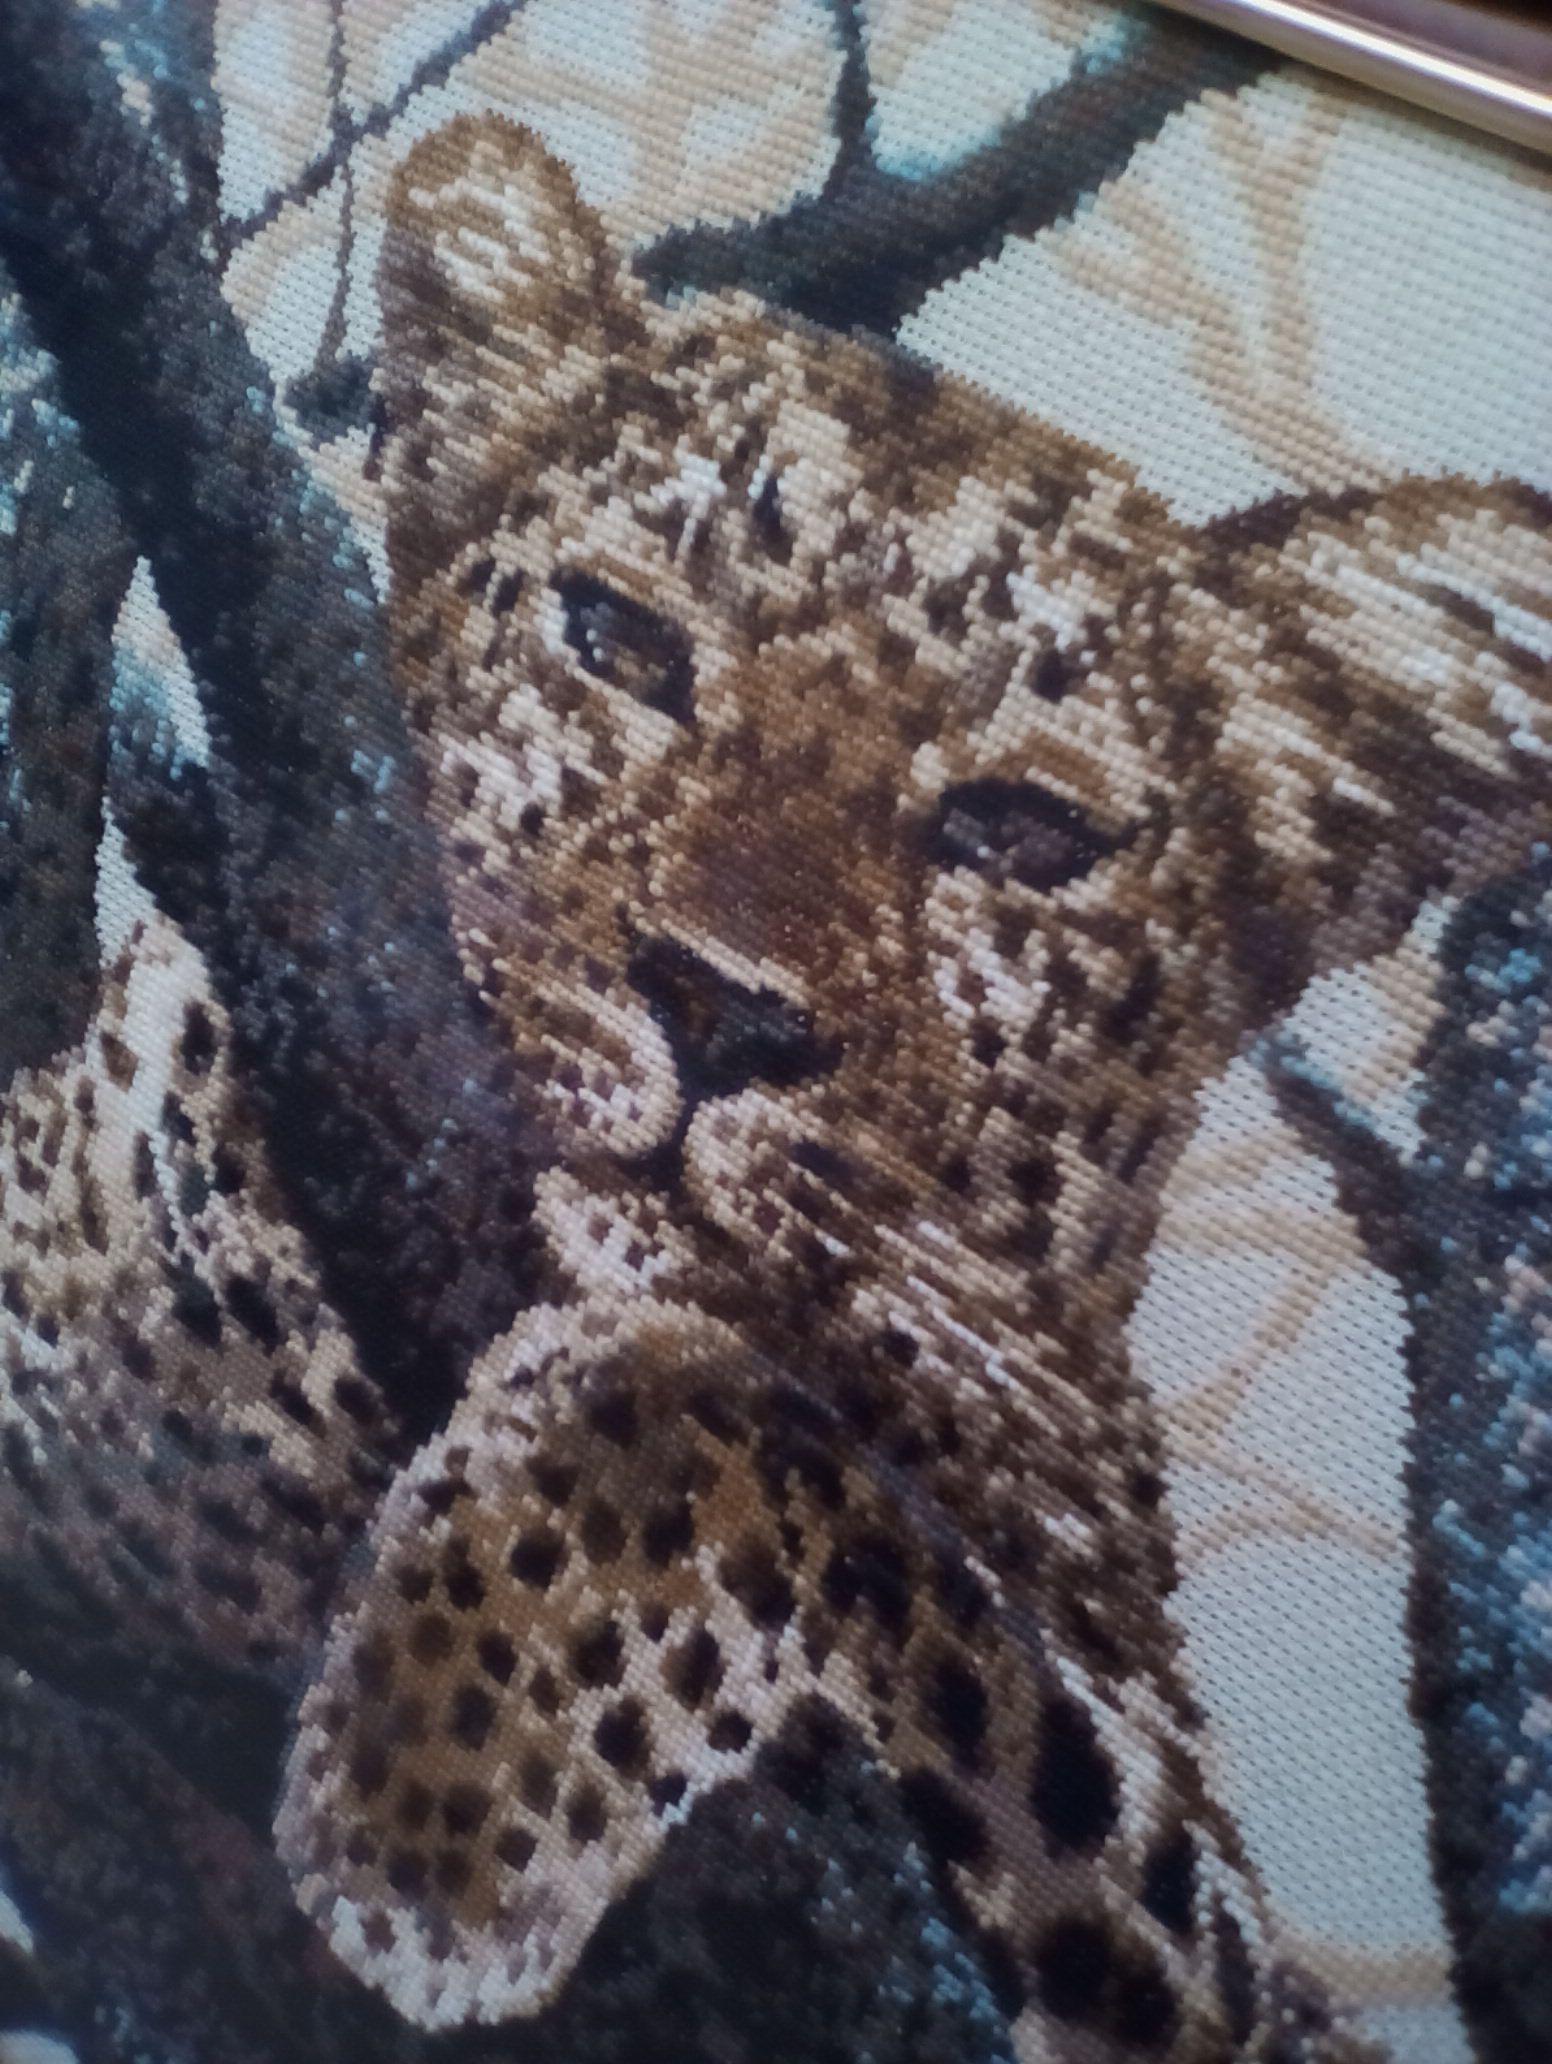 леопард париж мишек троицы площадь семейство